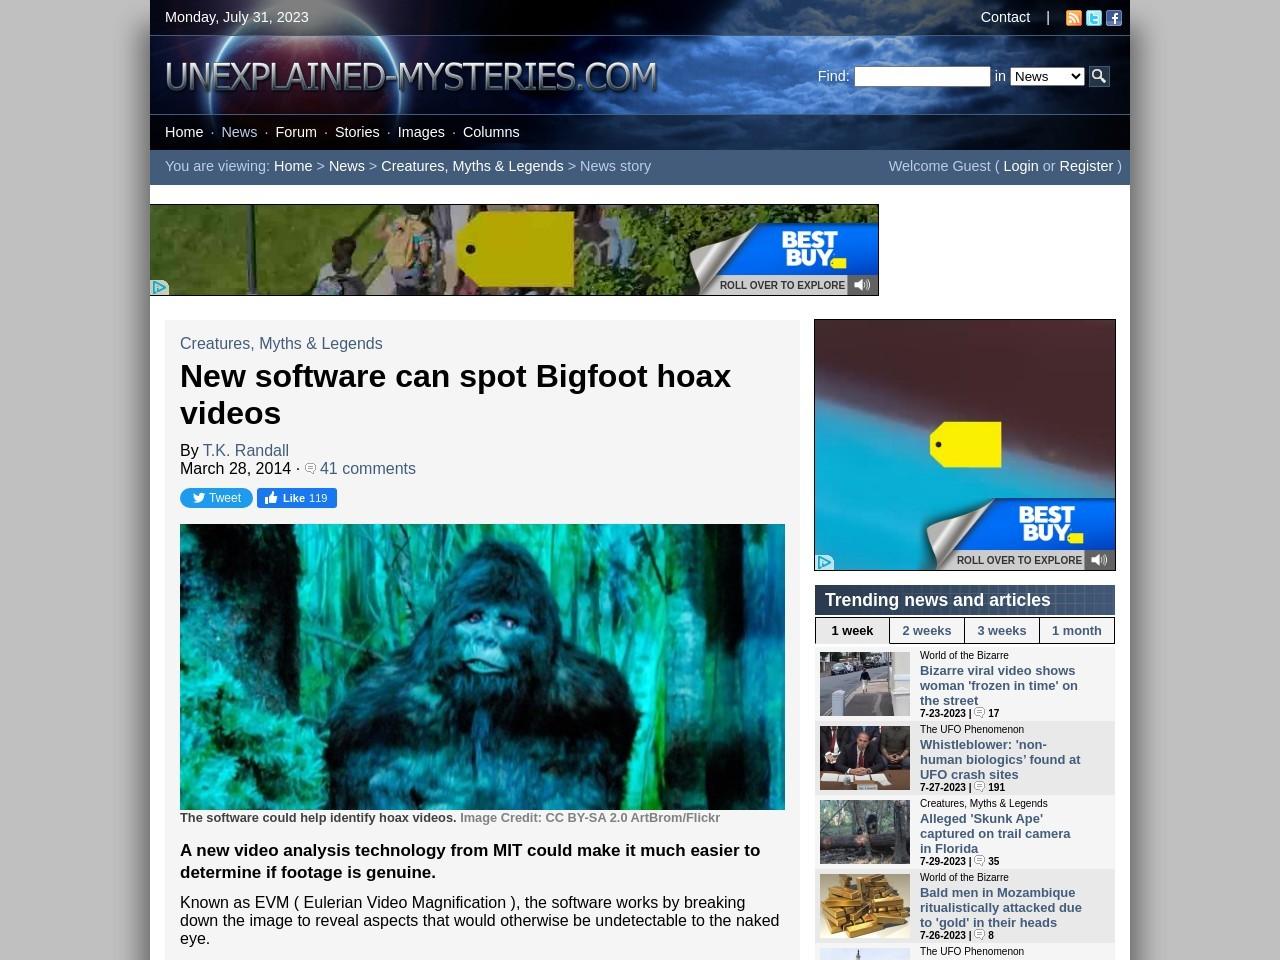 New software can spot Bigfoot hoax videos